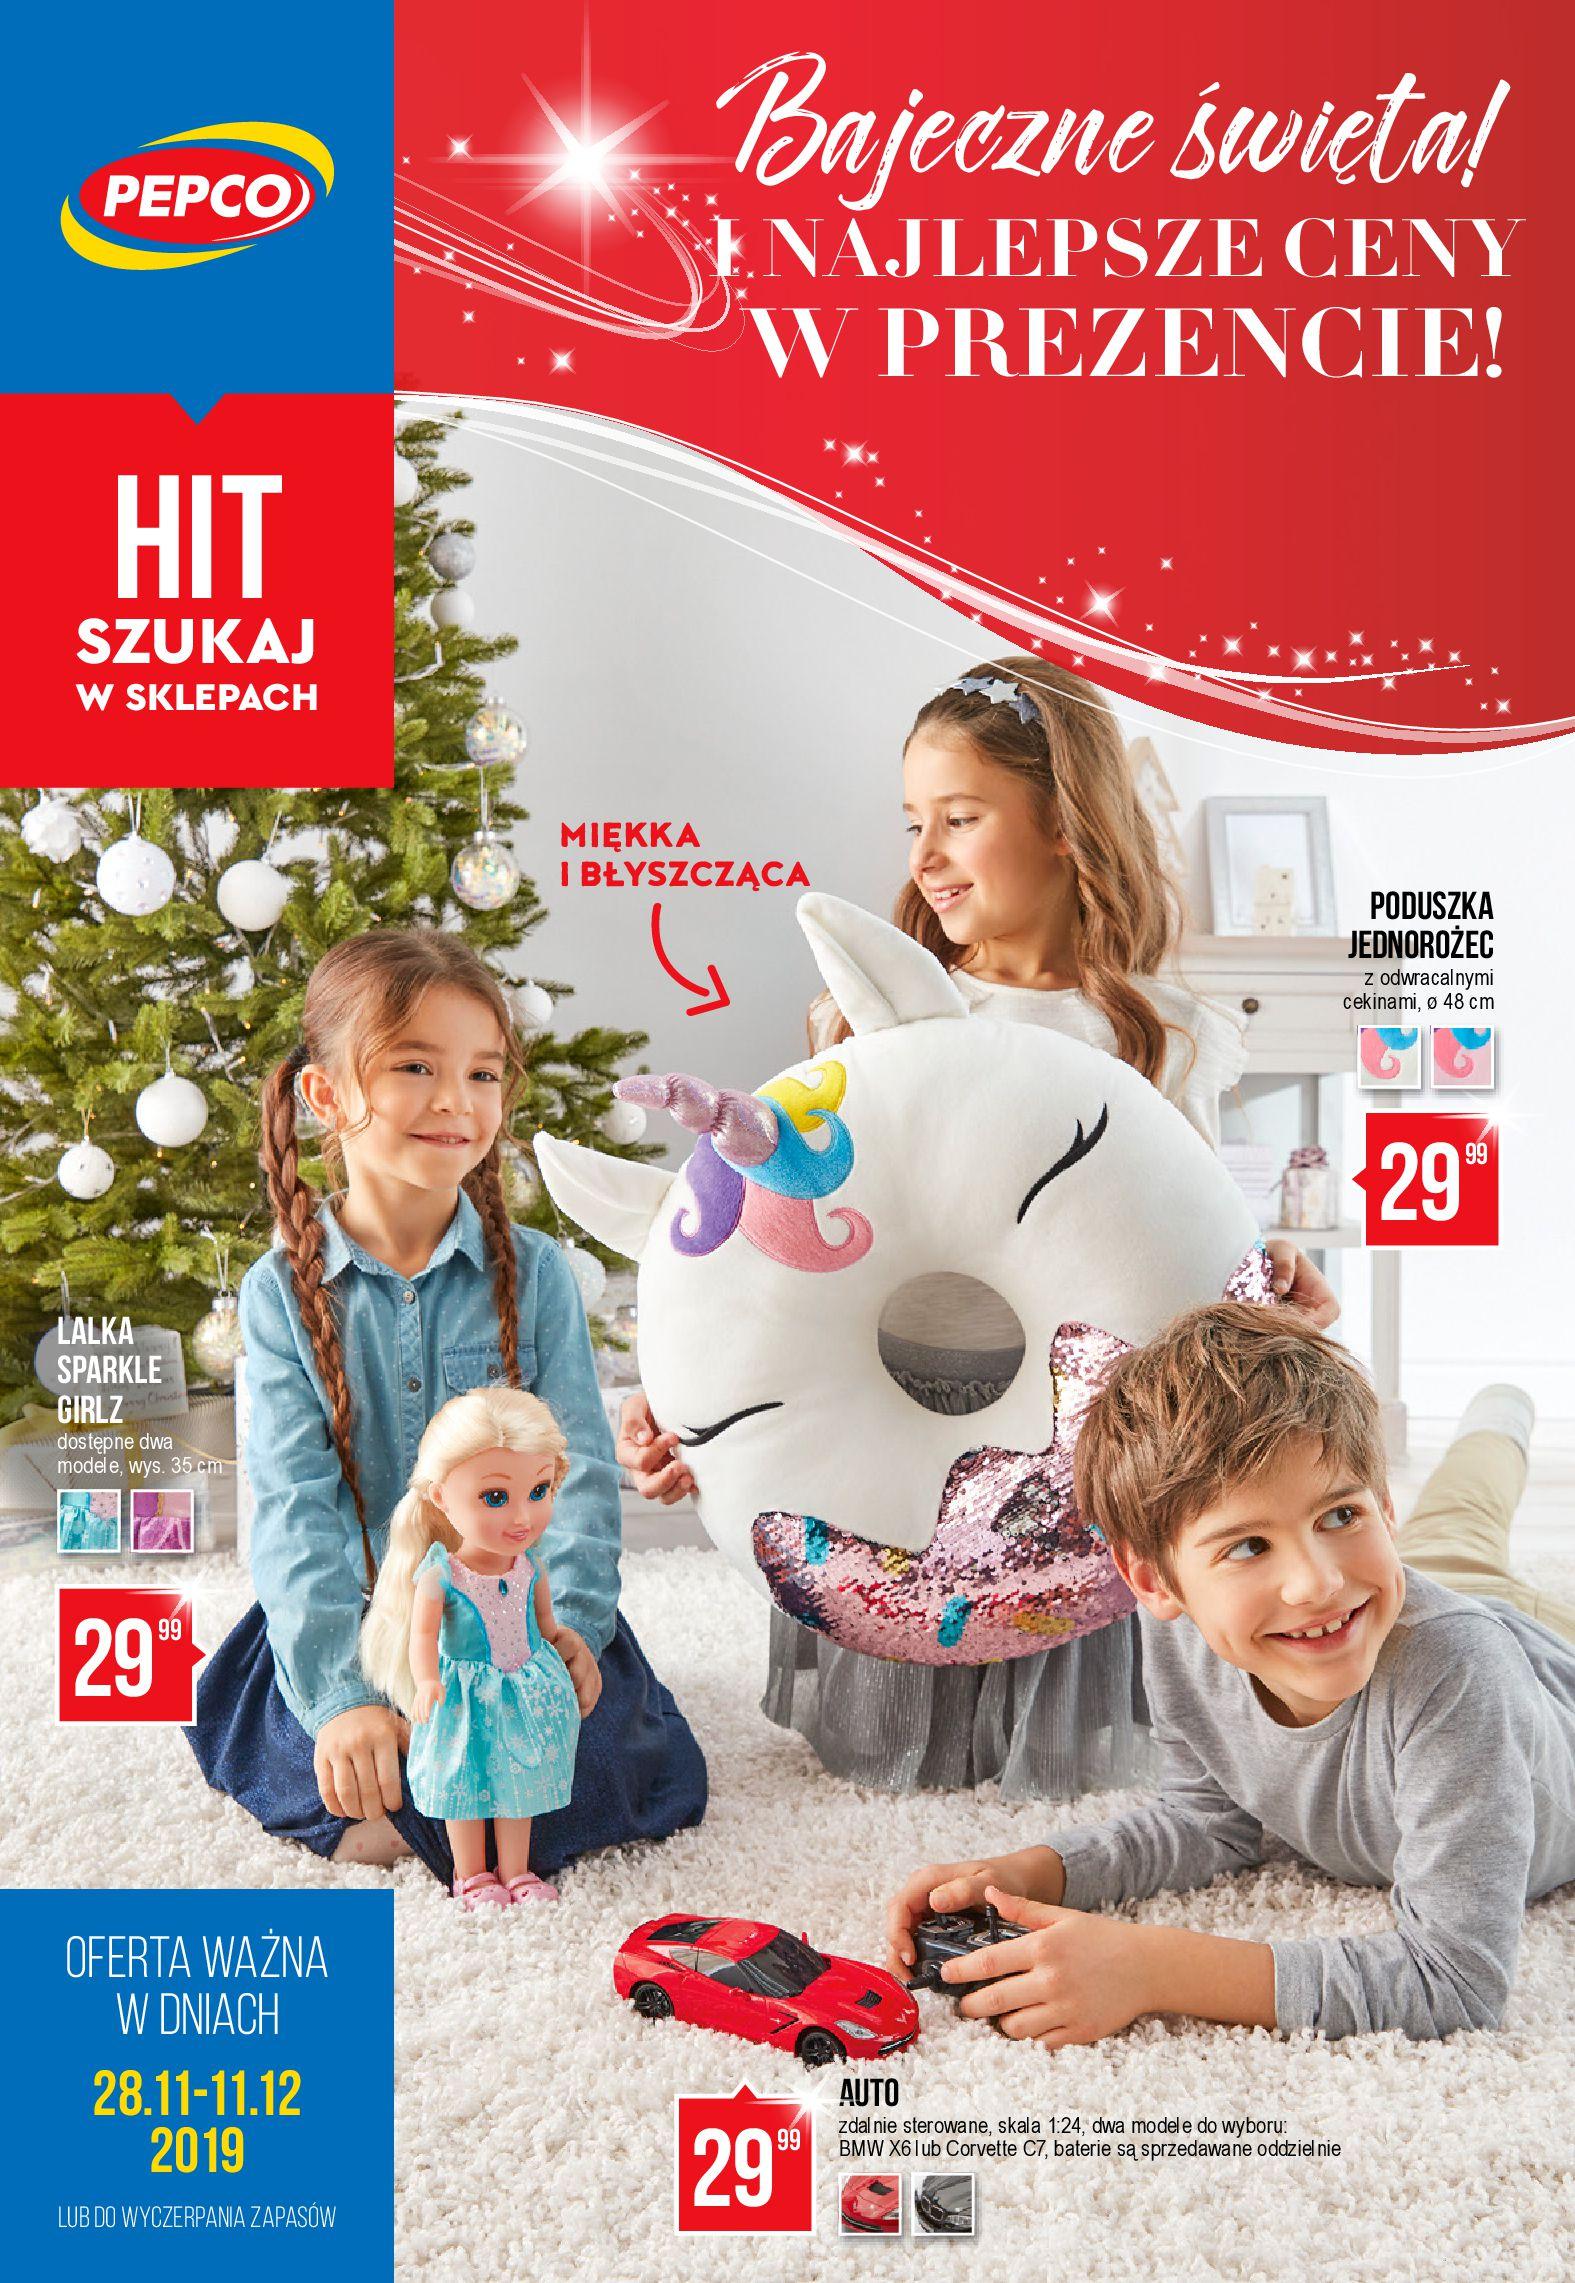 Gazetka Pepco - Bajeczne Święta-27.11.2019-11.12.2019-page-1